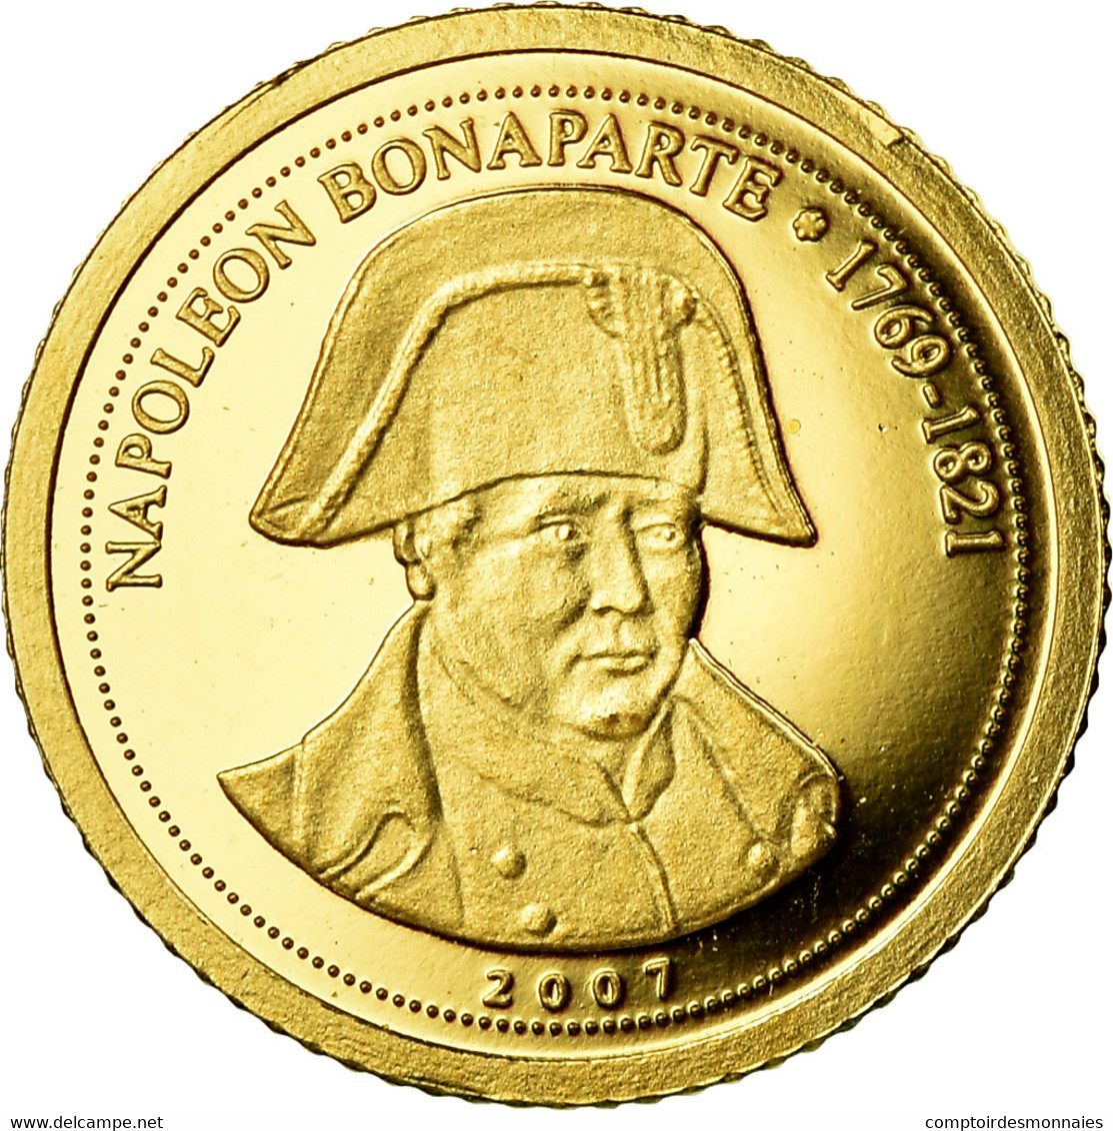 Monnaie, CONGO, DEMOCRATIC REPUBLIC, Napoléon Bonaparte, 1500 Francs CFA, 2007 - Congo (République Démocratique 1998)